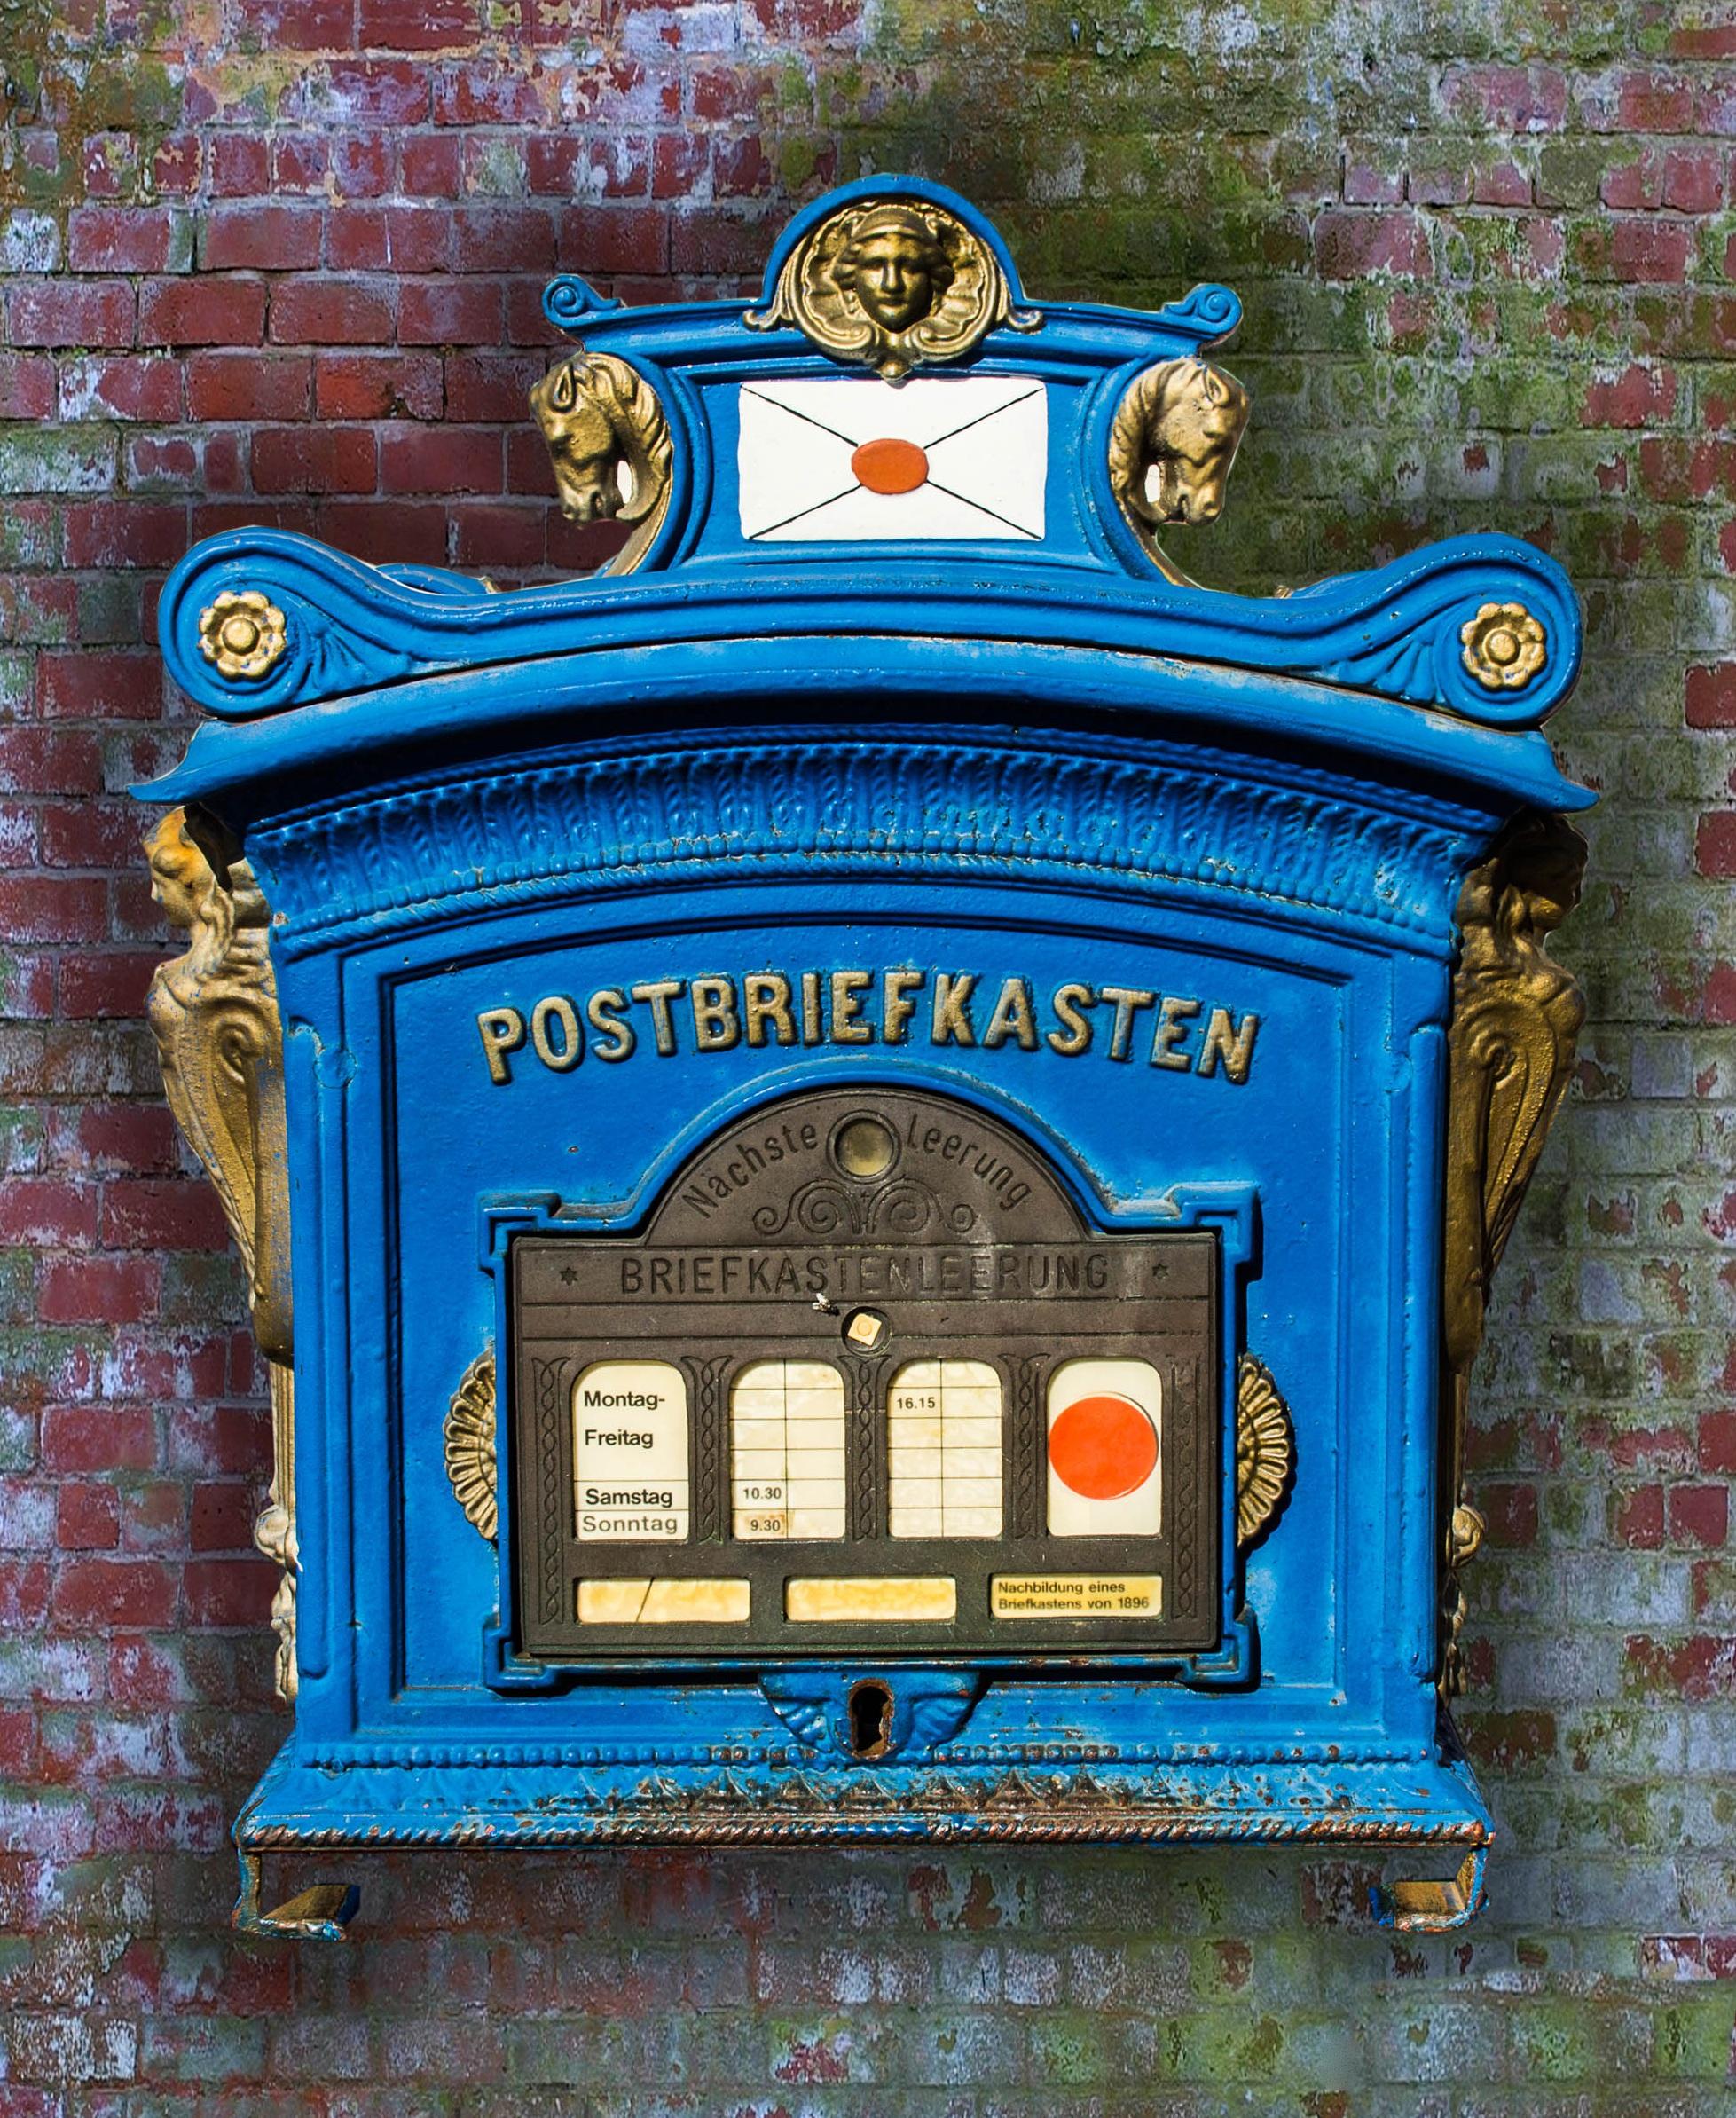 Анимационные подснежники, открытки с почтовыми ящиками